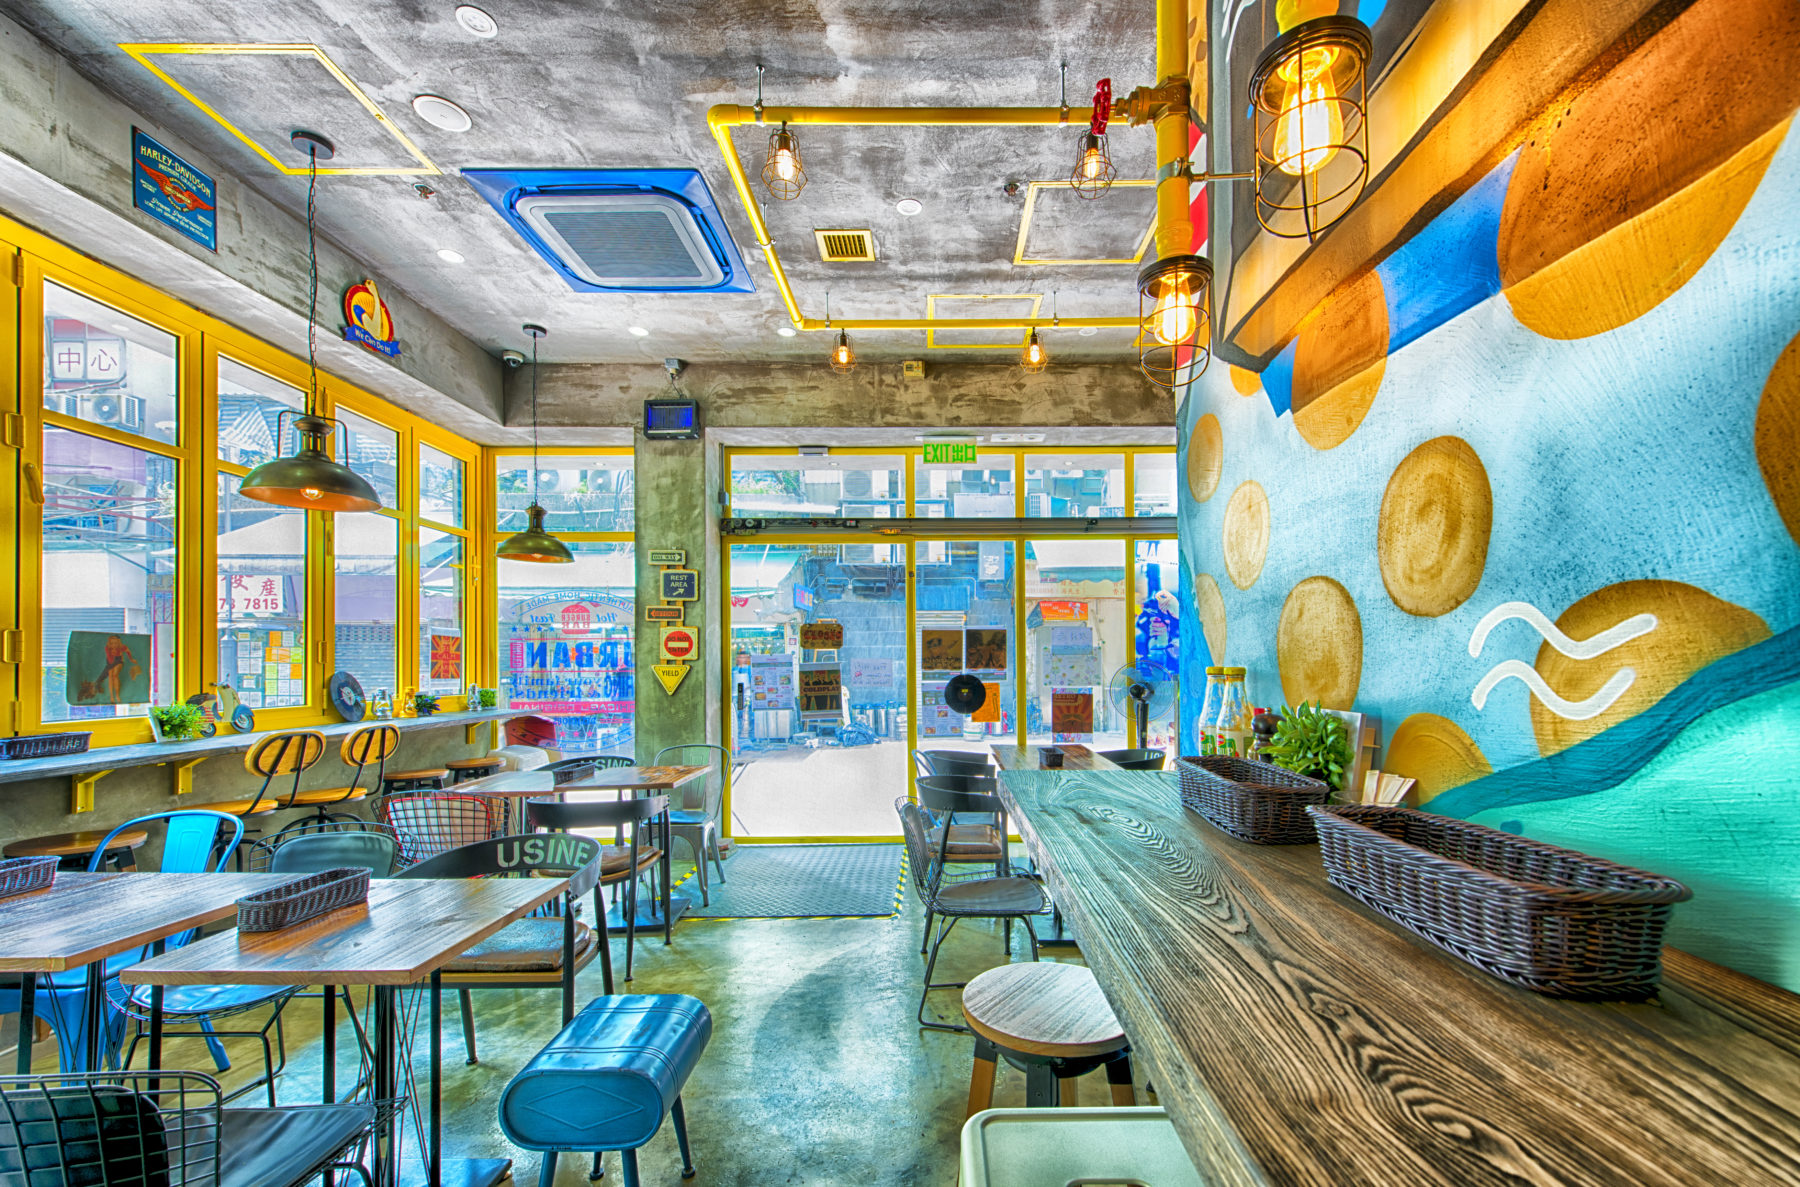 16 城市汉堡酒吧, 元朗.jpg